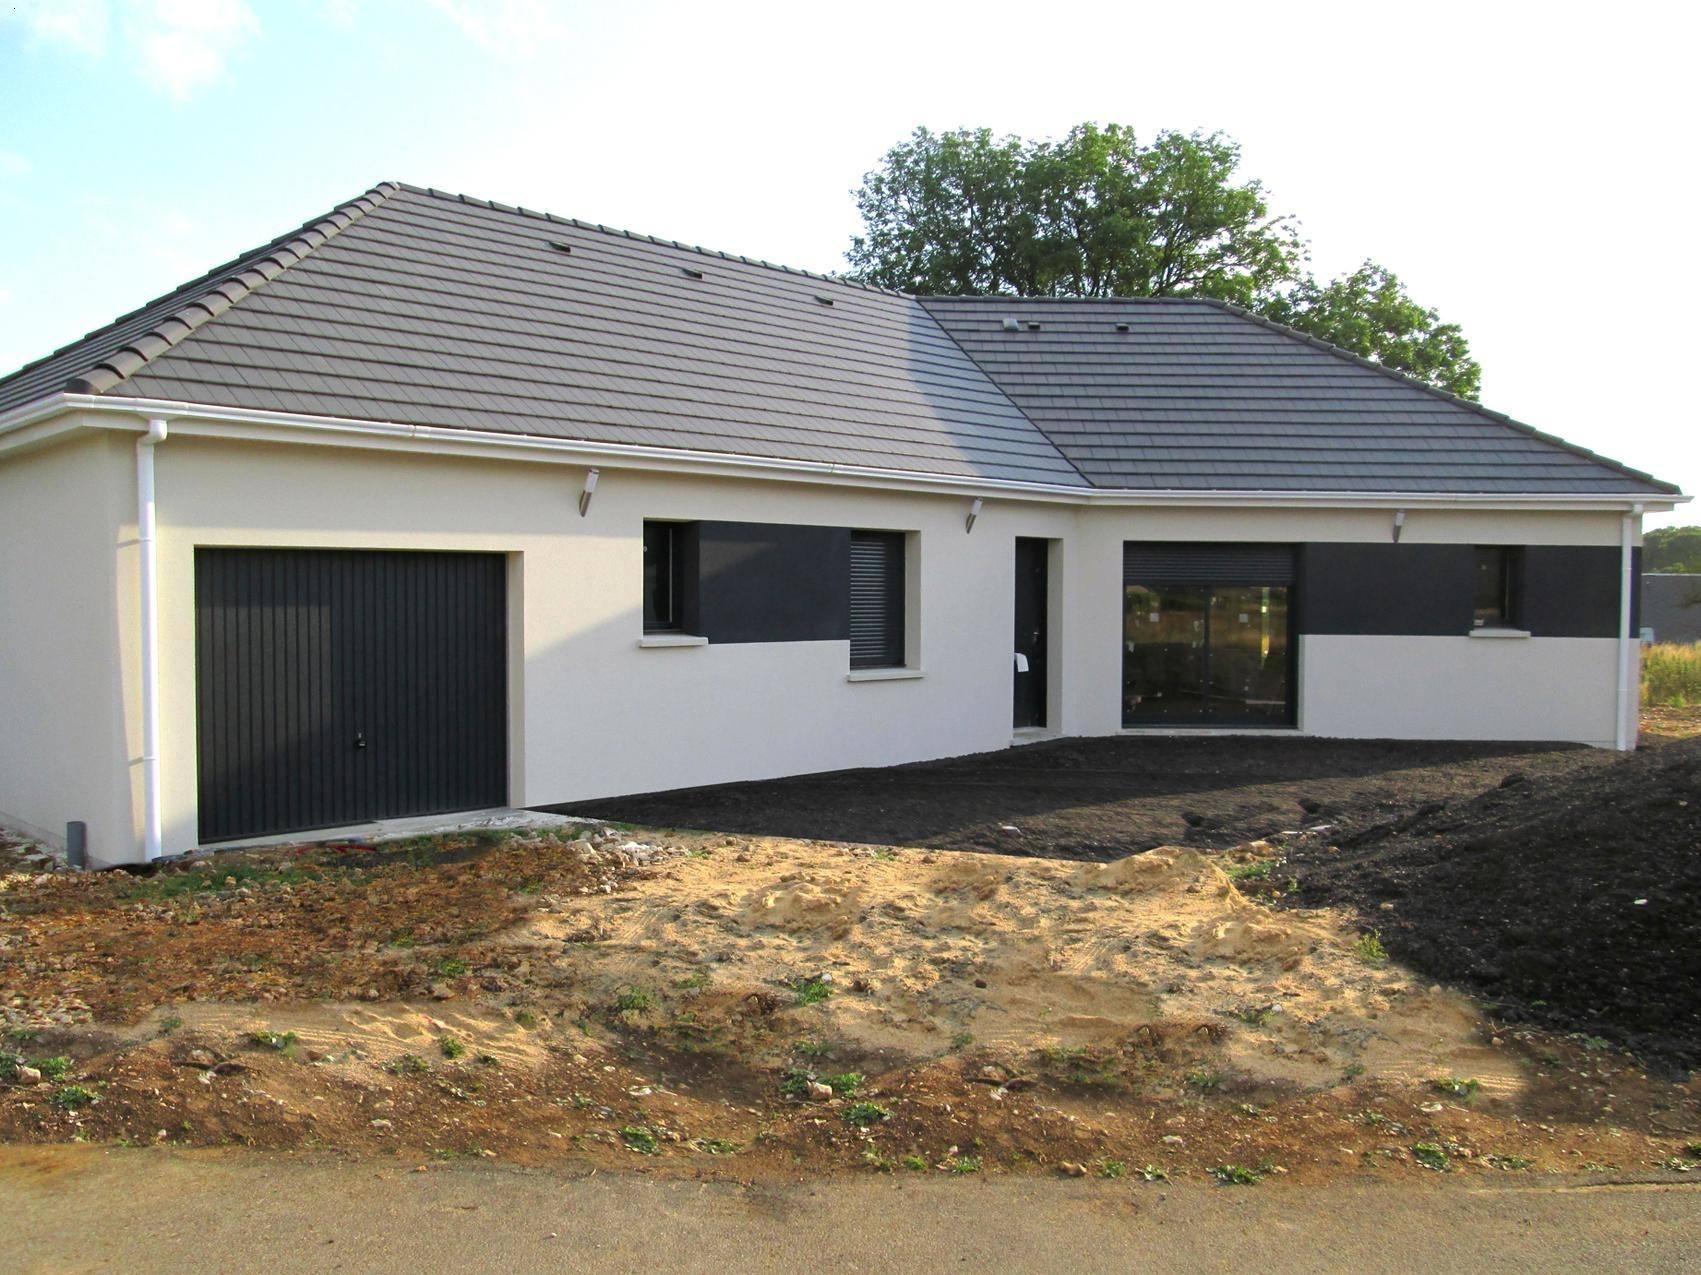 Votre maison + terrain à La Queue-les-Yvelines  - 78940